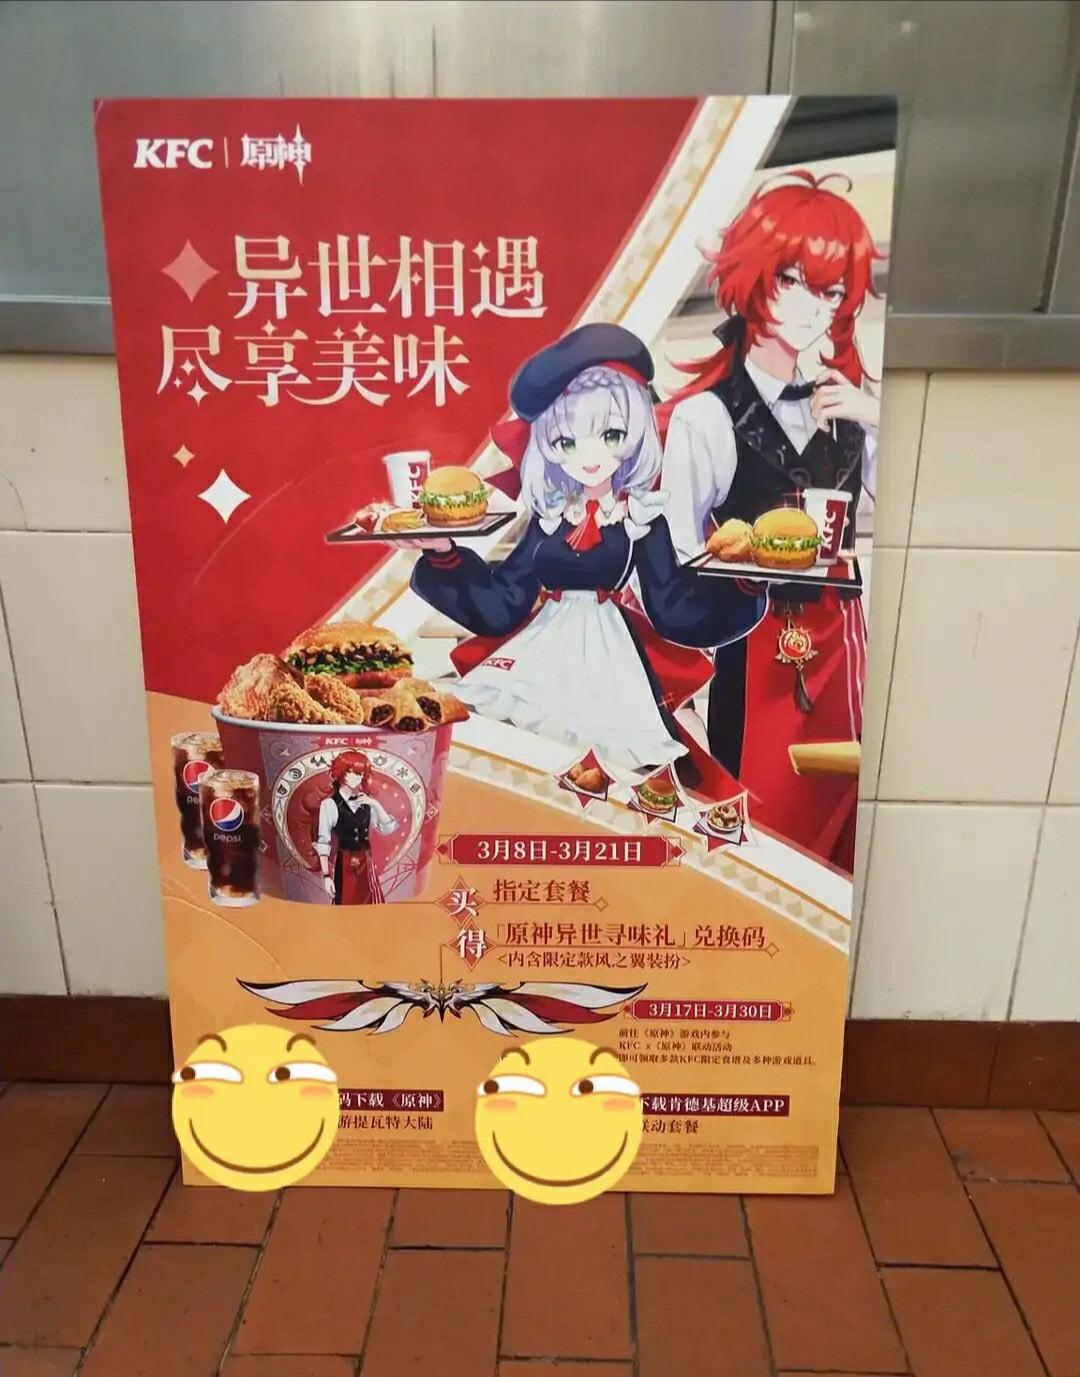 【原神】KFCイベは日本でいつやるんだよ!(#^ω^)